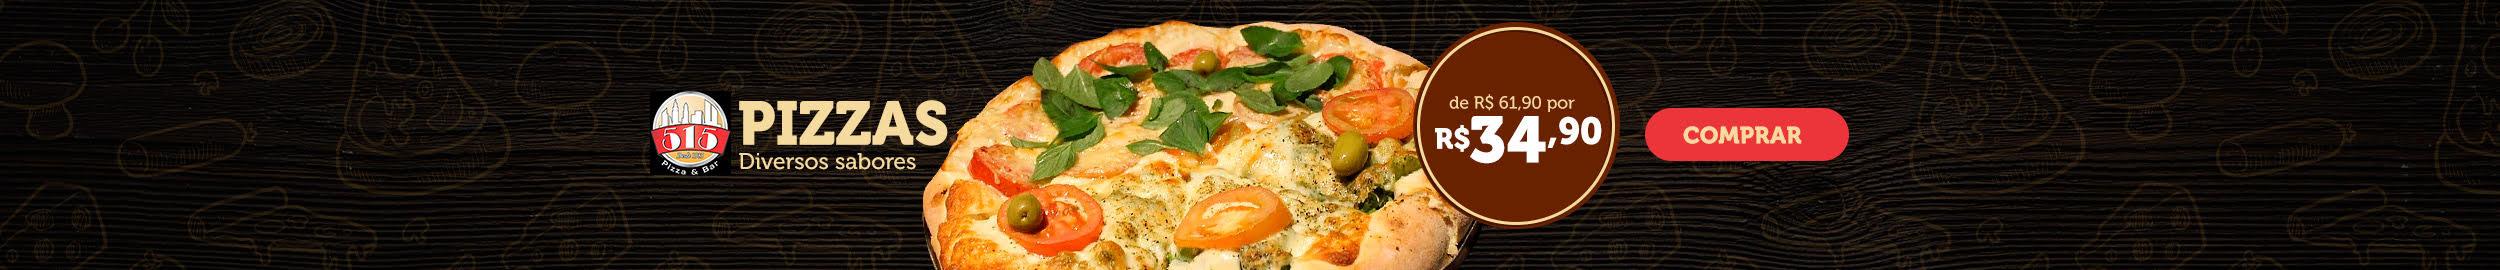 515 Pizzaria